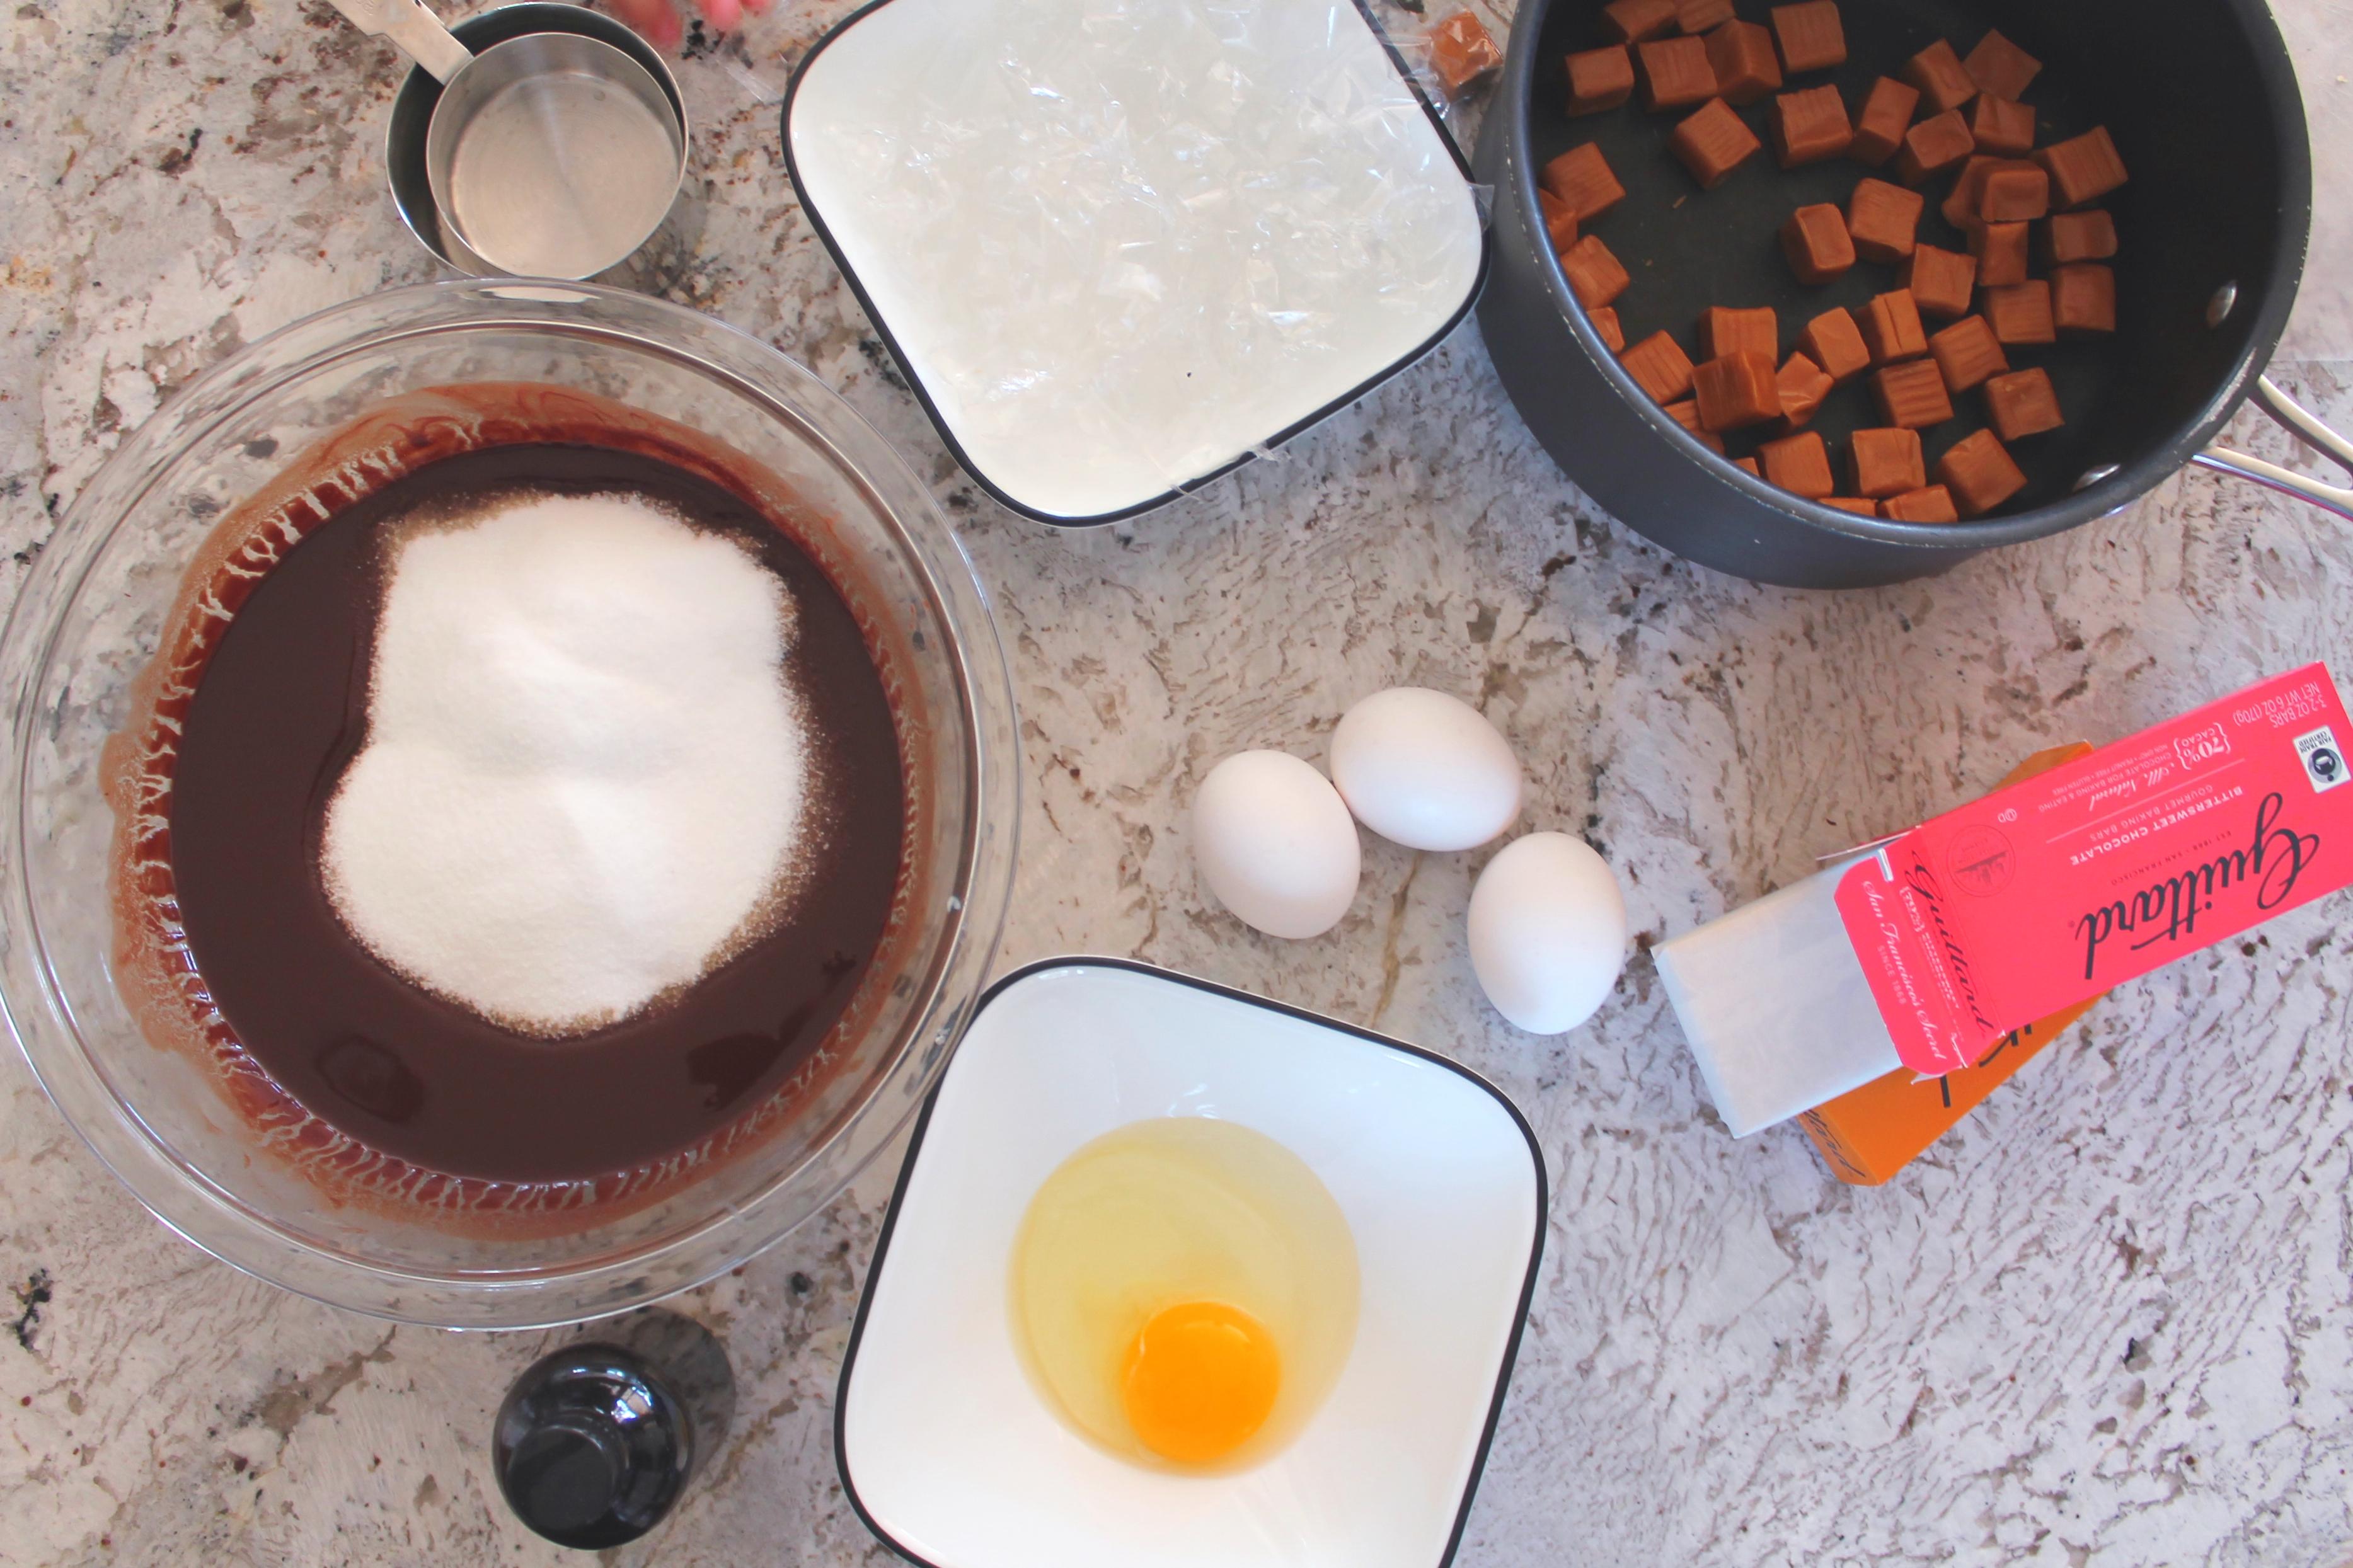 Let's Make Brownies